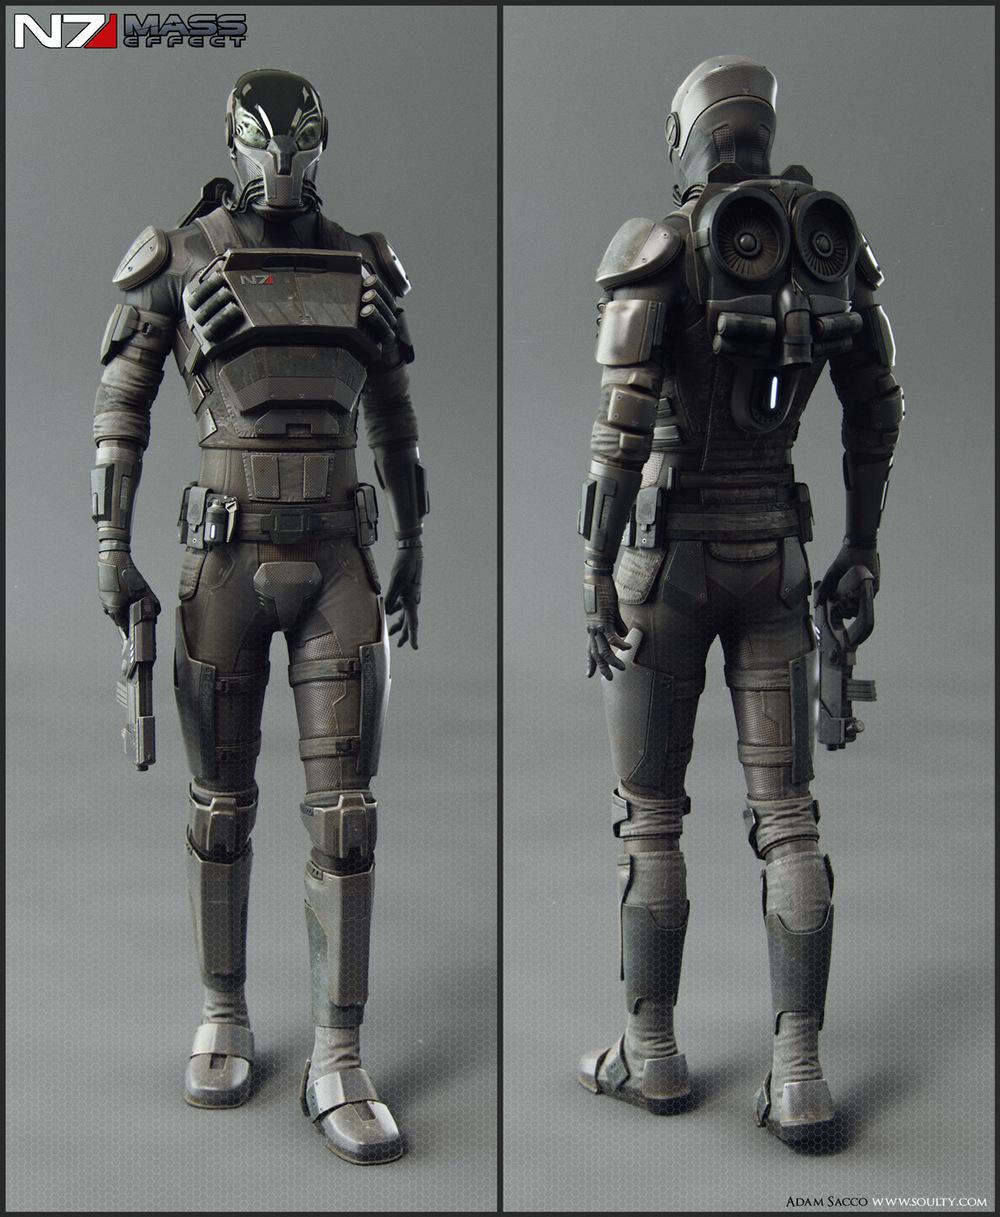 Mass Effect Live Wallpaper: Cool Collection Of MASS EFFECT Fan Art